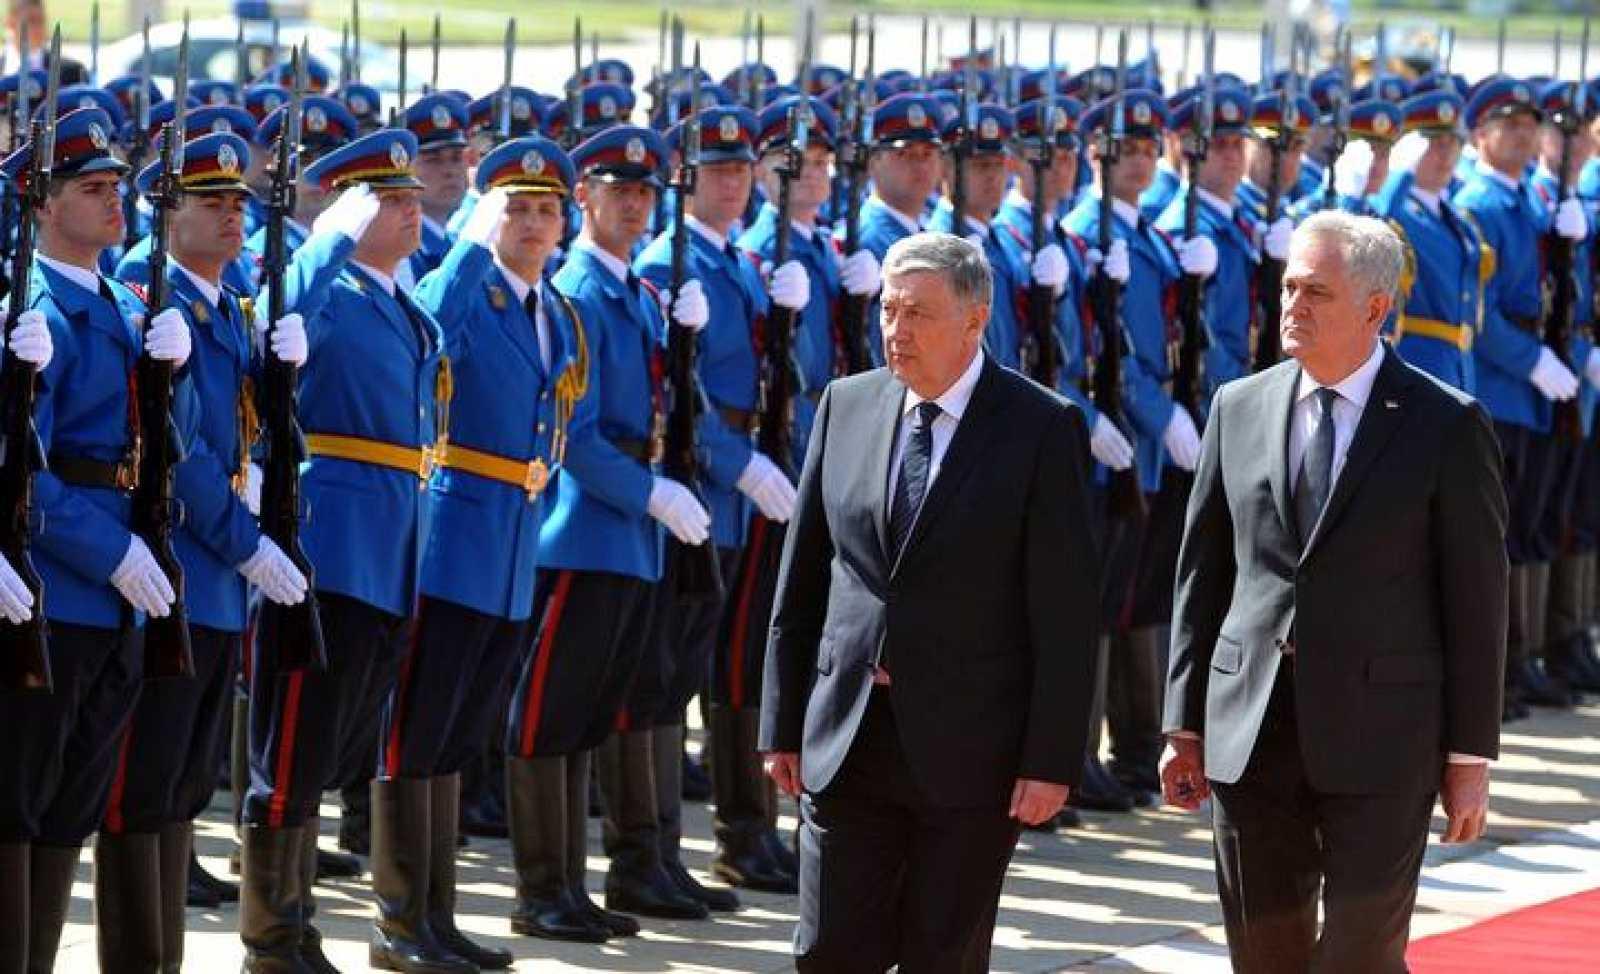 El presidente serbio, Tomislav Nikolic, (derecha) junto al jefe de la presidencia de Bosnia-Herzegovina, Nebojasa Radamanovic (izquierda).